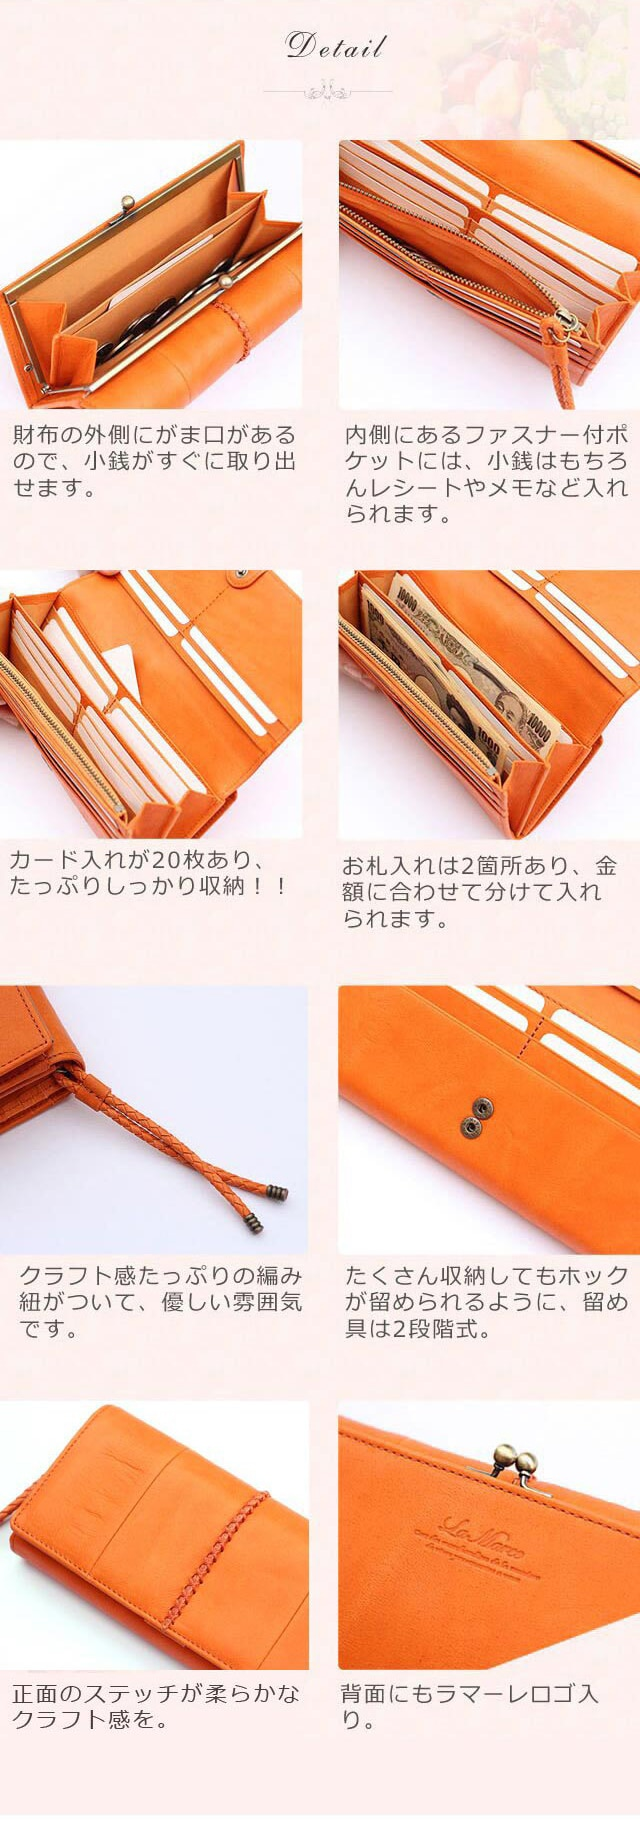 財布の詳細